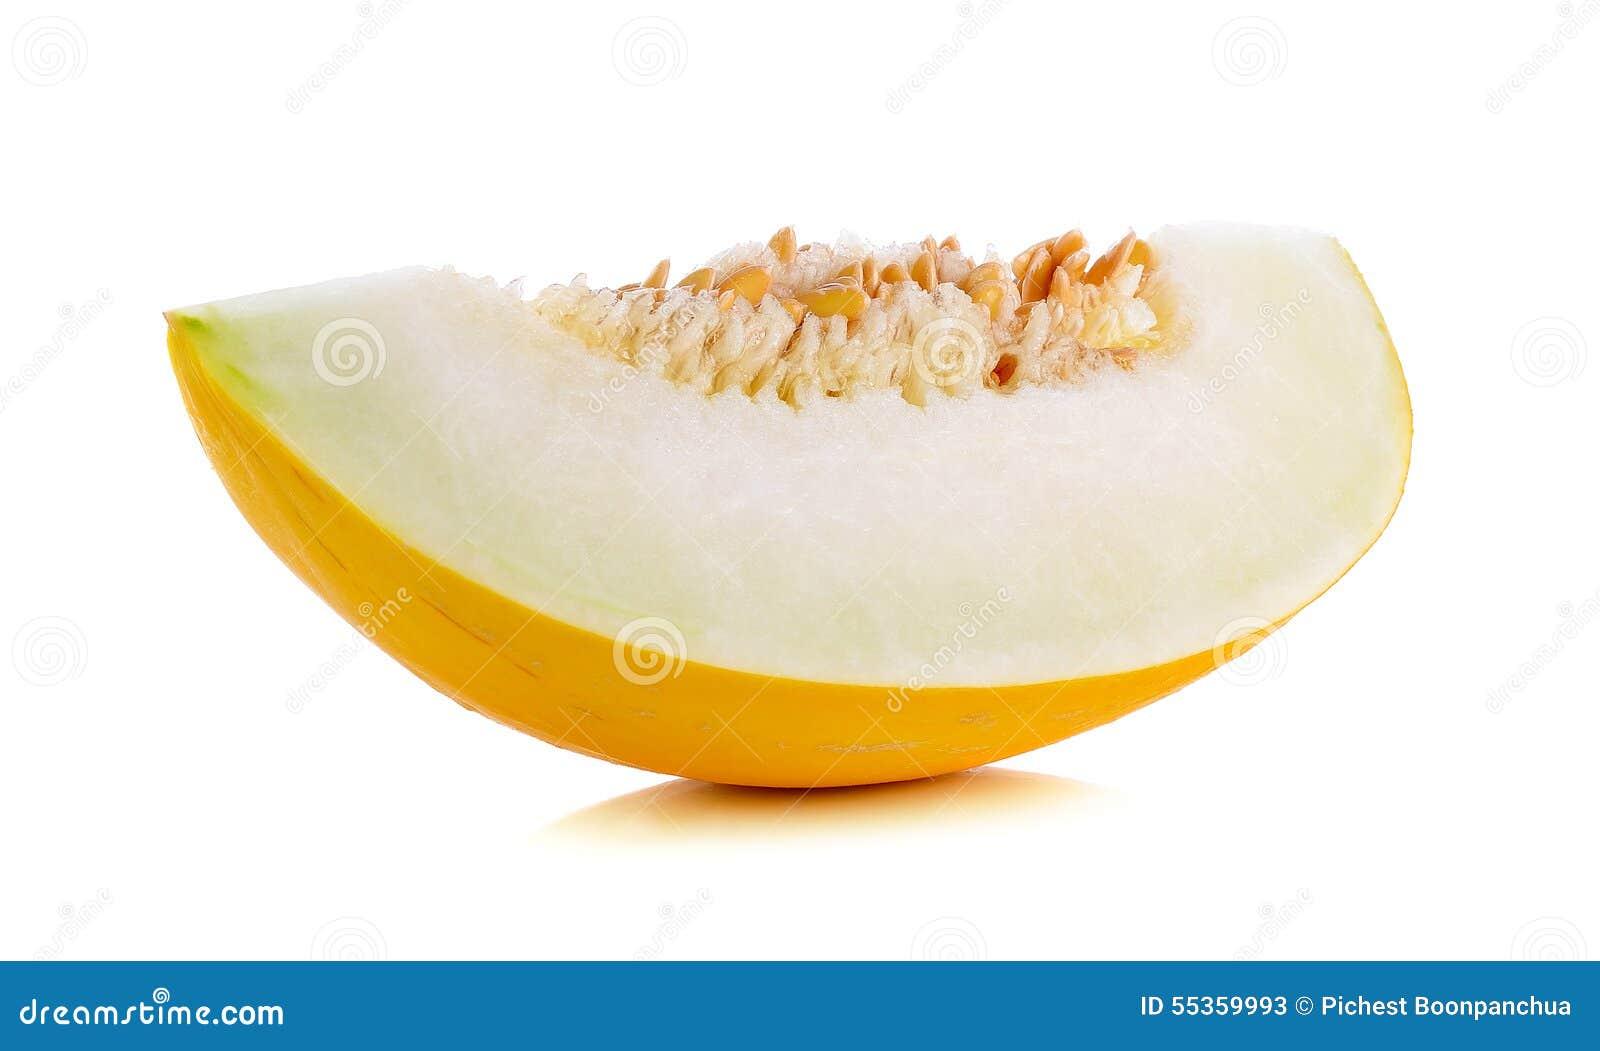 Cantalupo giallo isolato sui precedenti bianchi